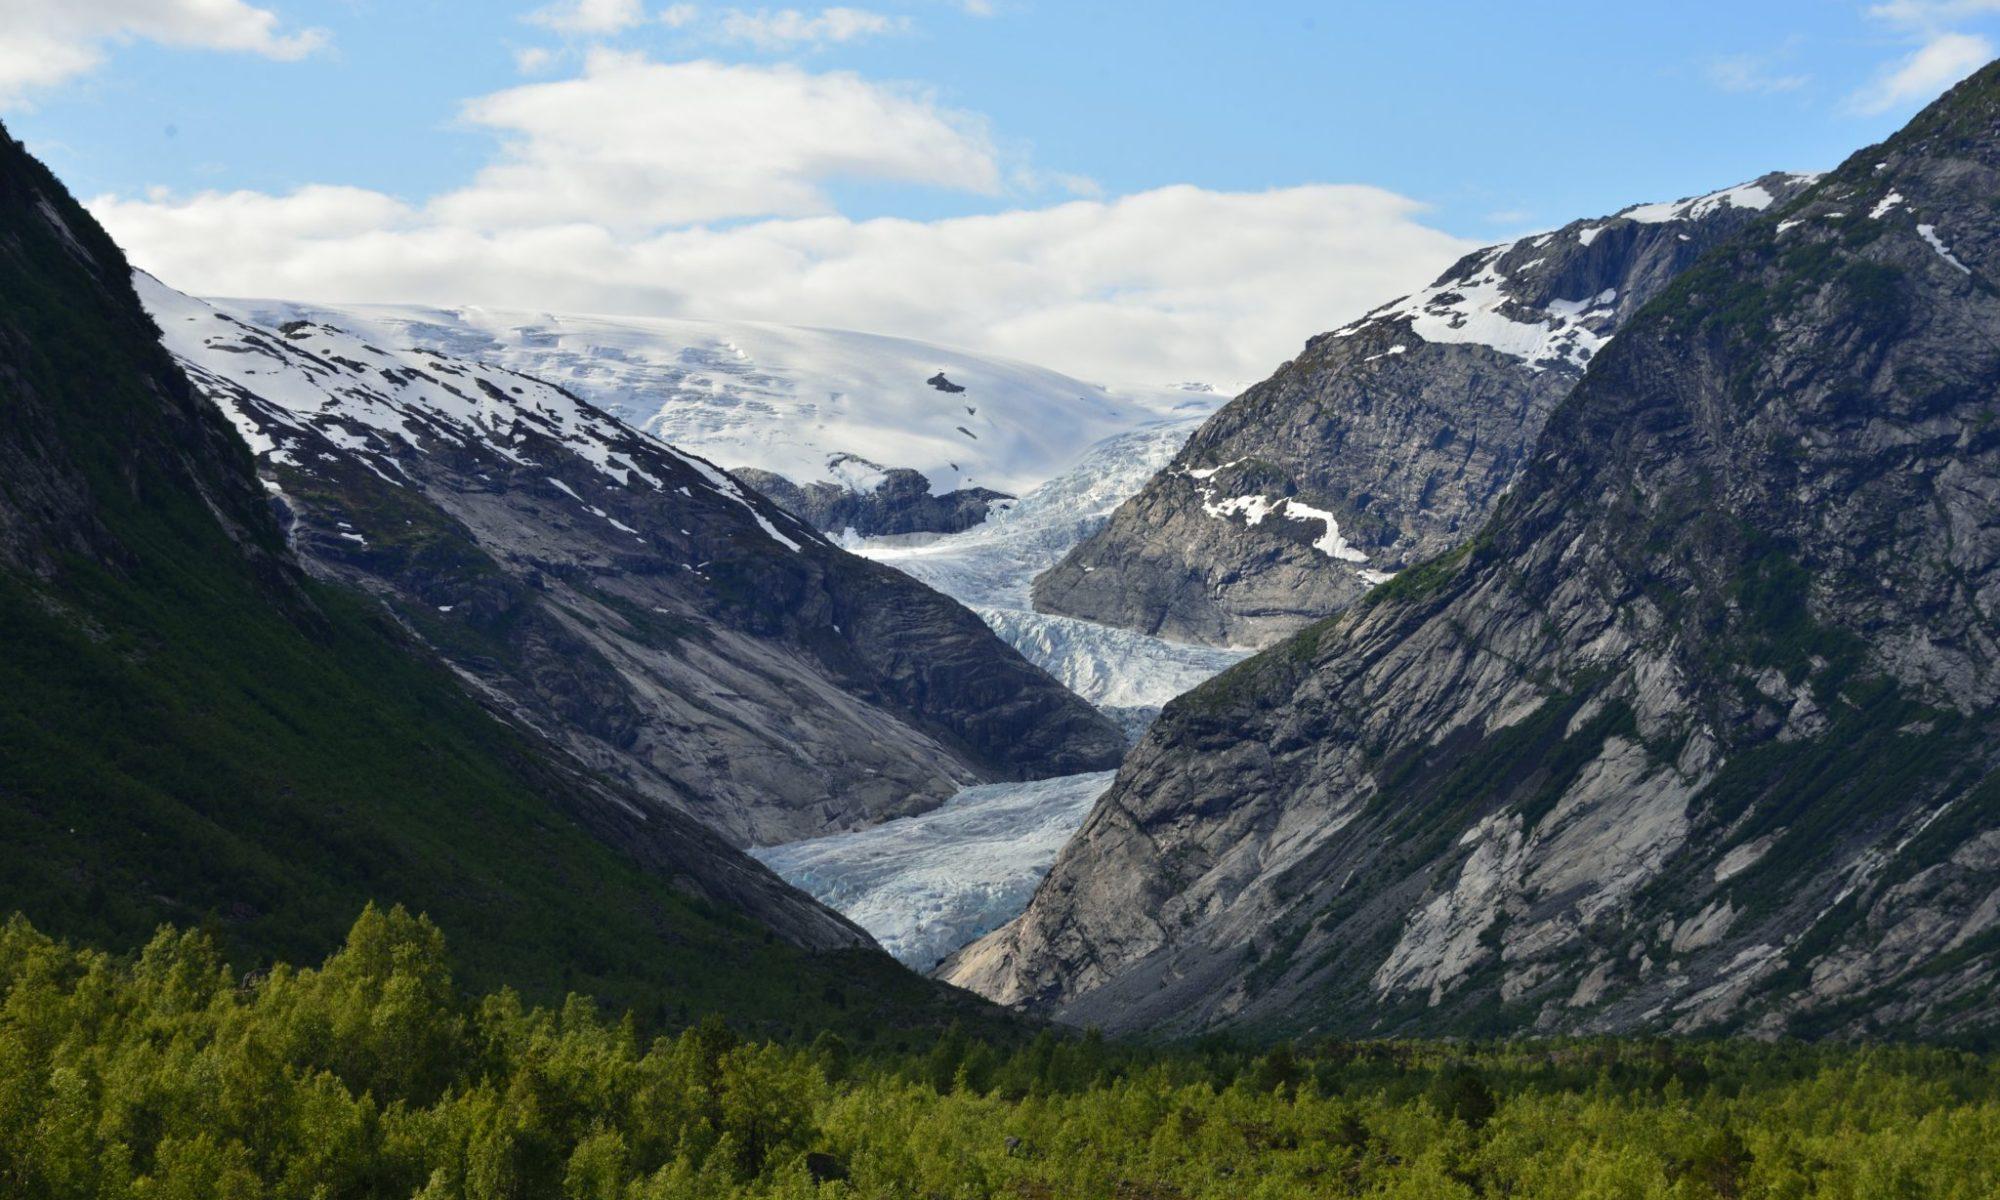 Nigardsbreen Glacier in Jostedal, Luster